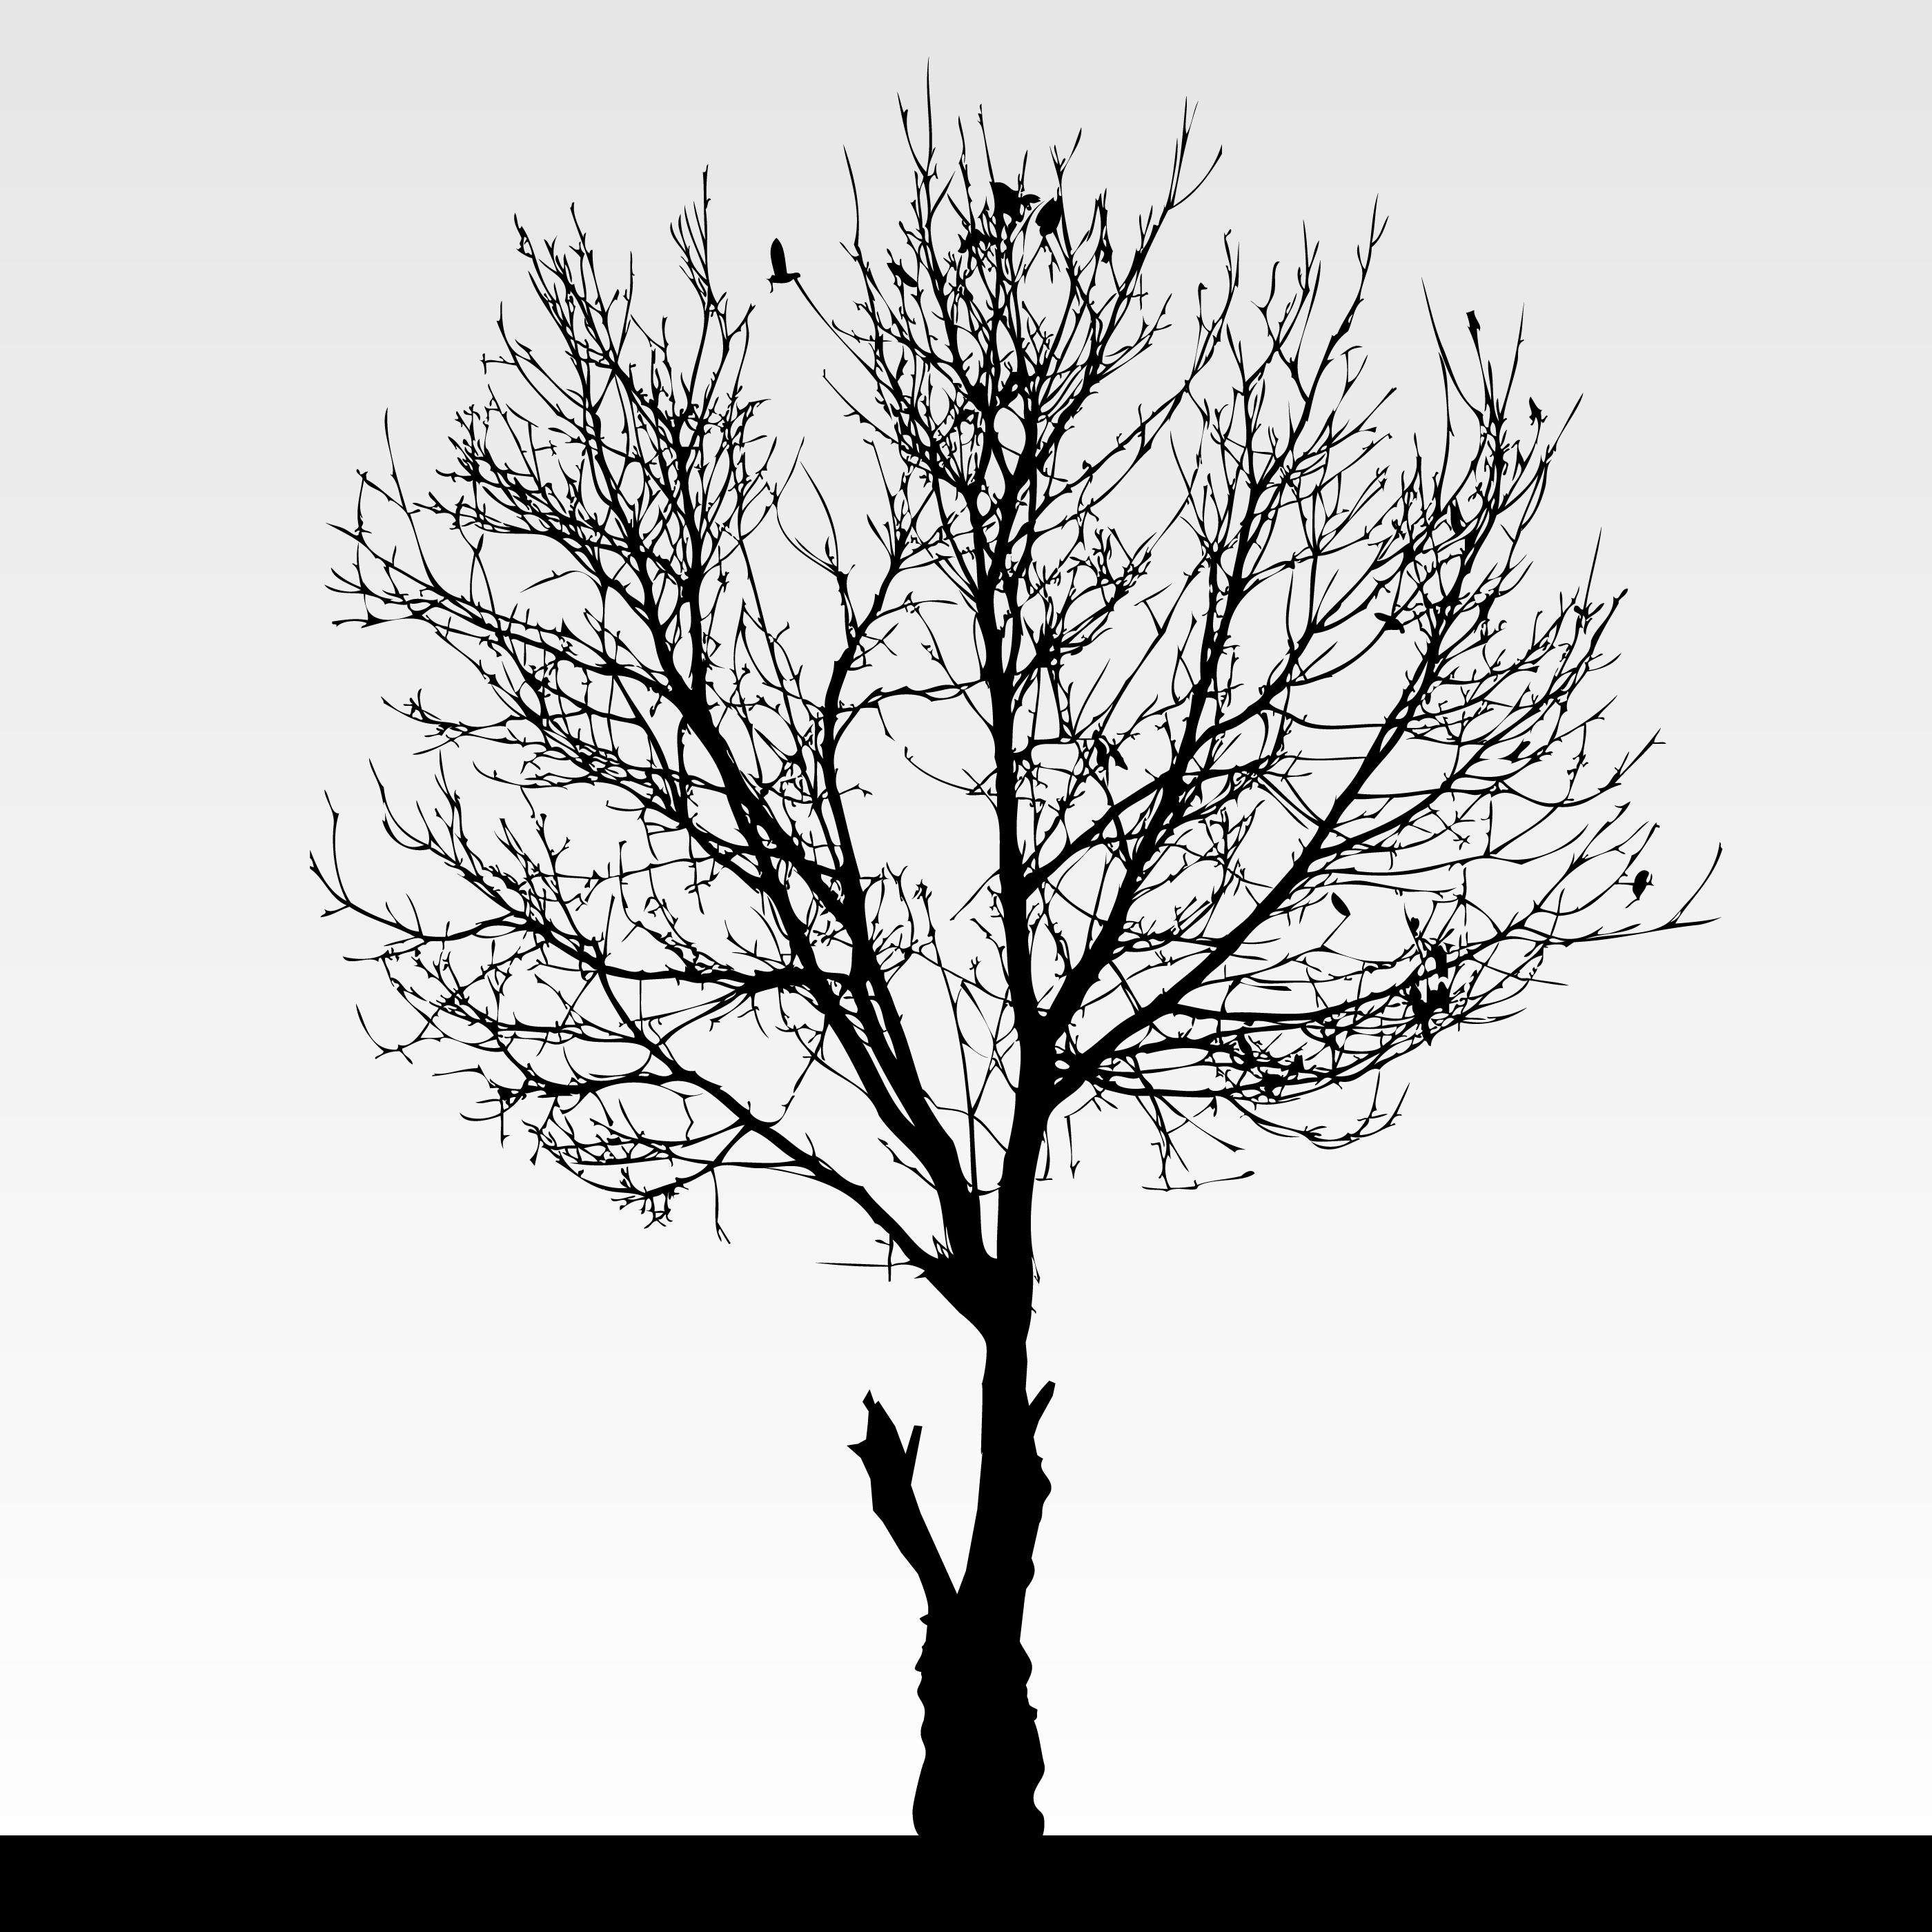 Dry Dead Tree Silhouette. 340787